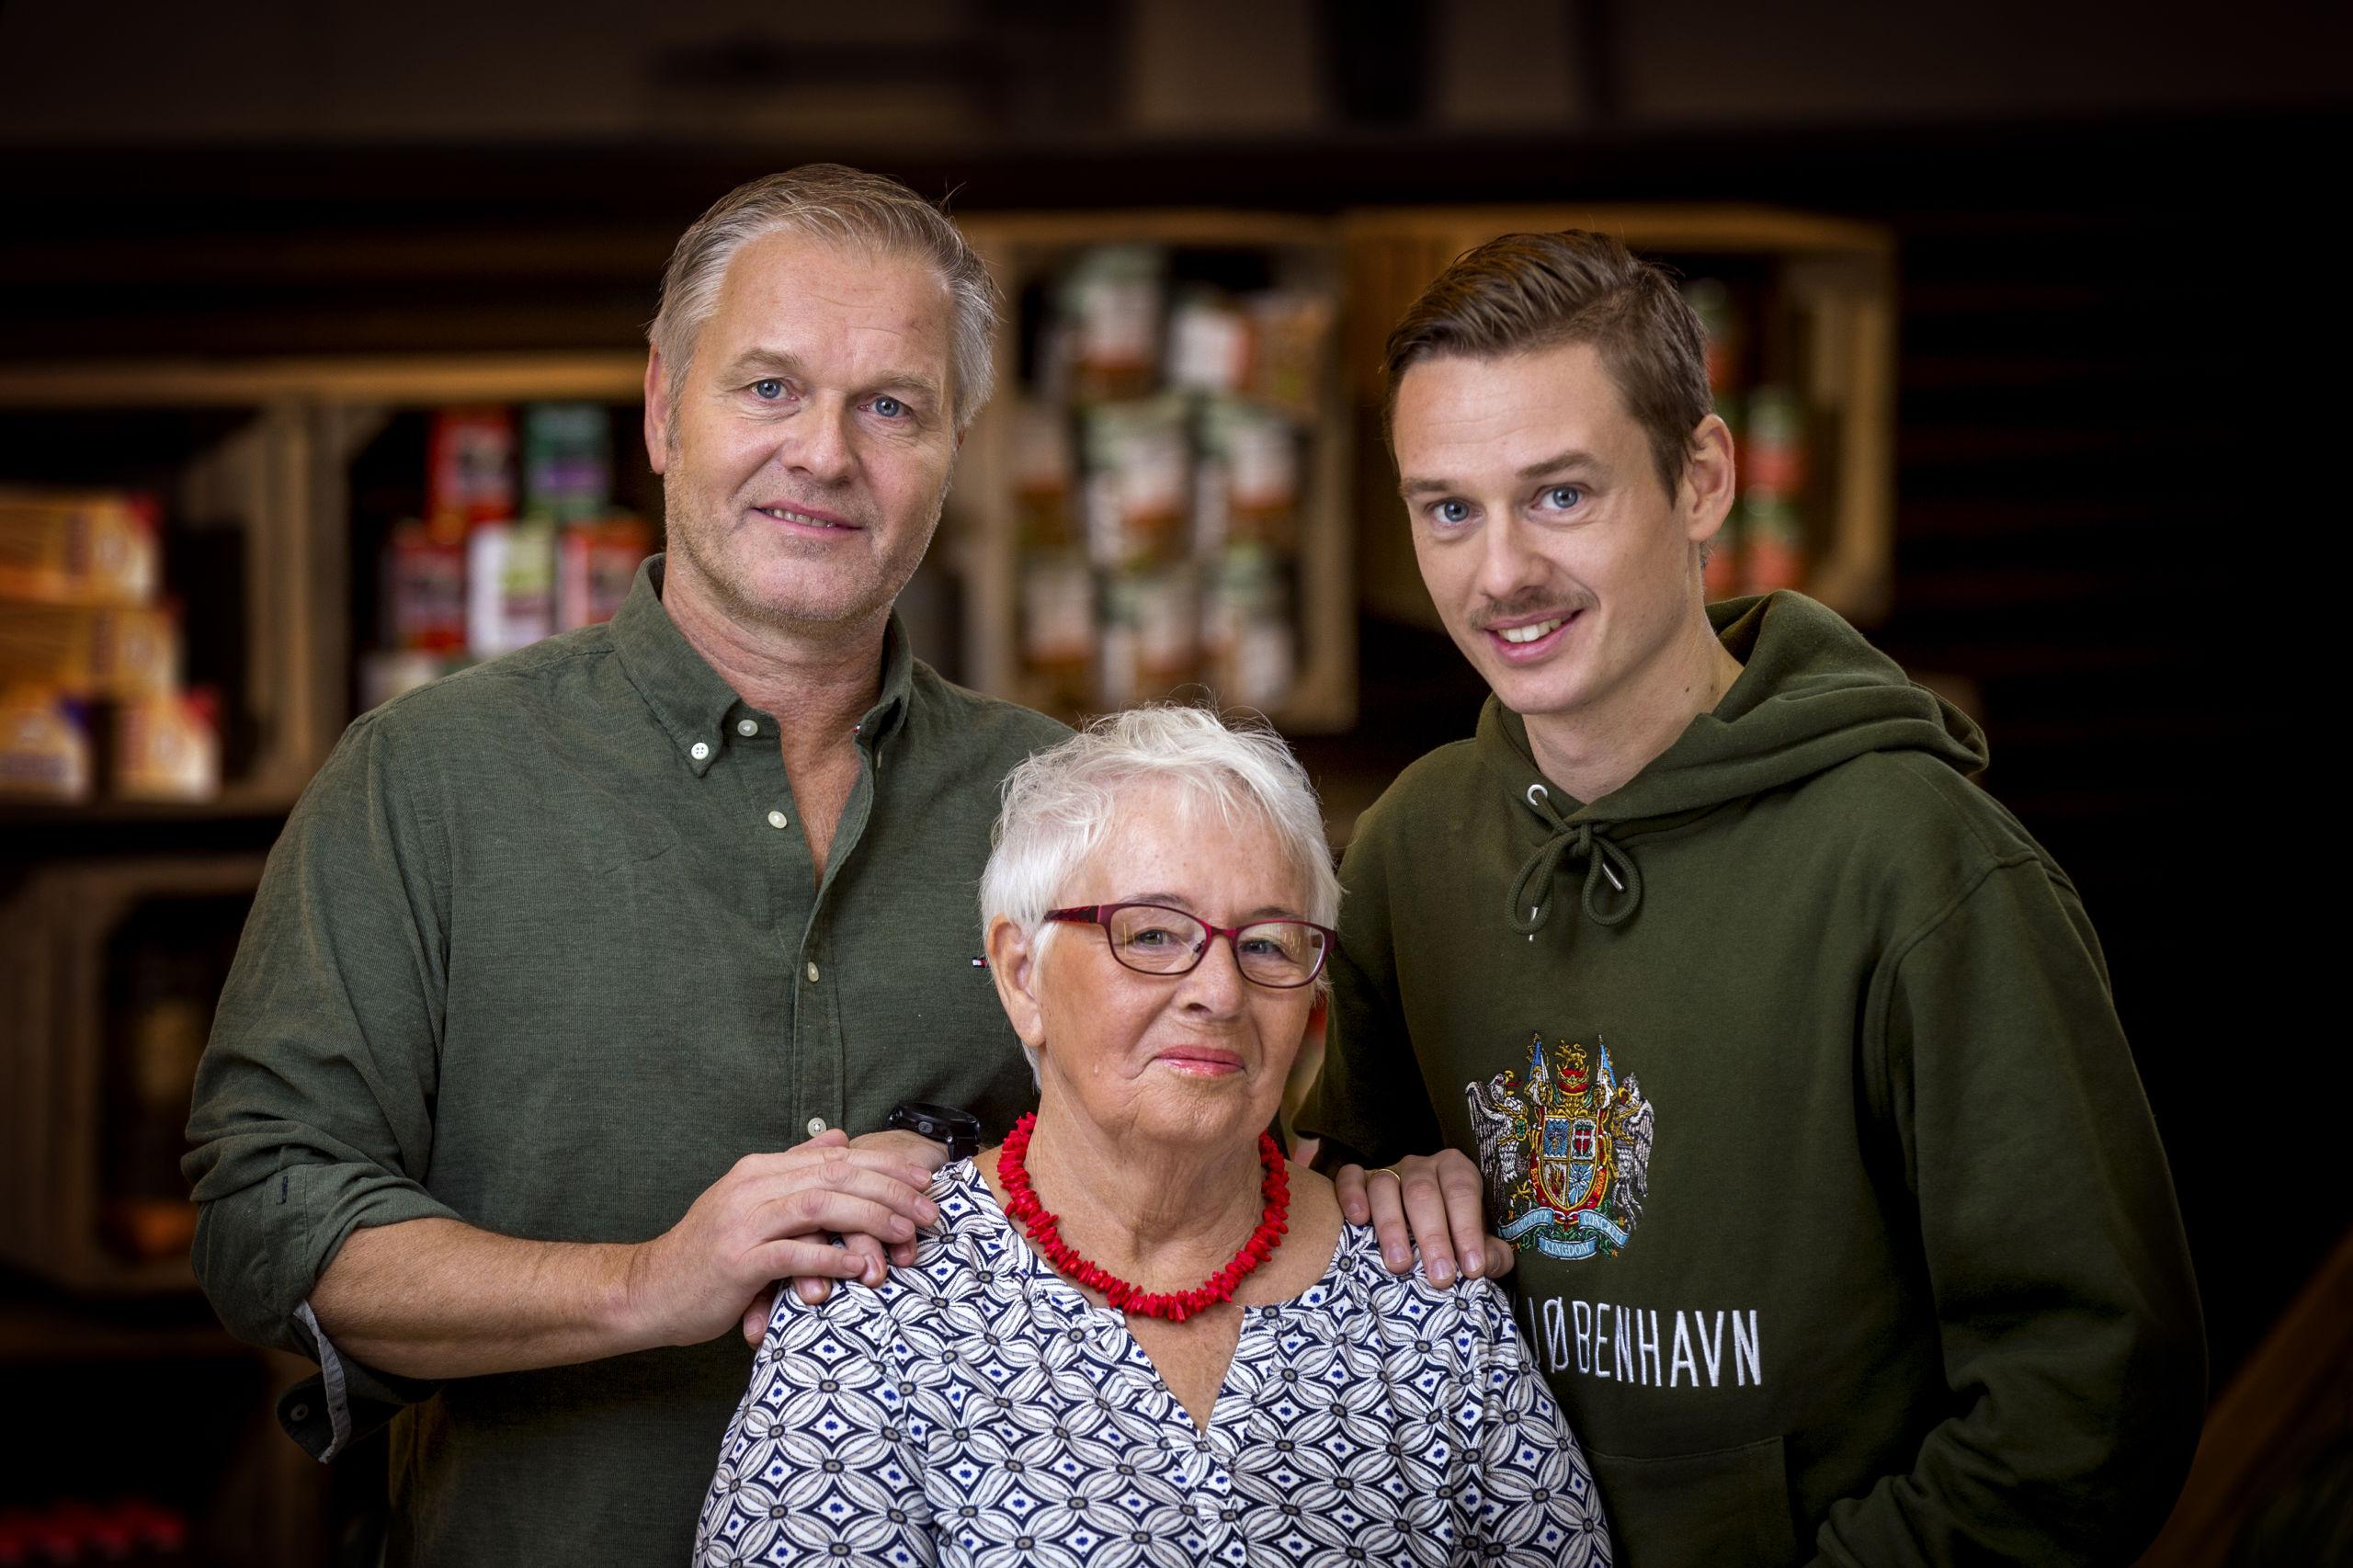 Kendt fra tv: Nu kan du spise middag med familien Olsen